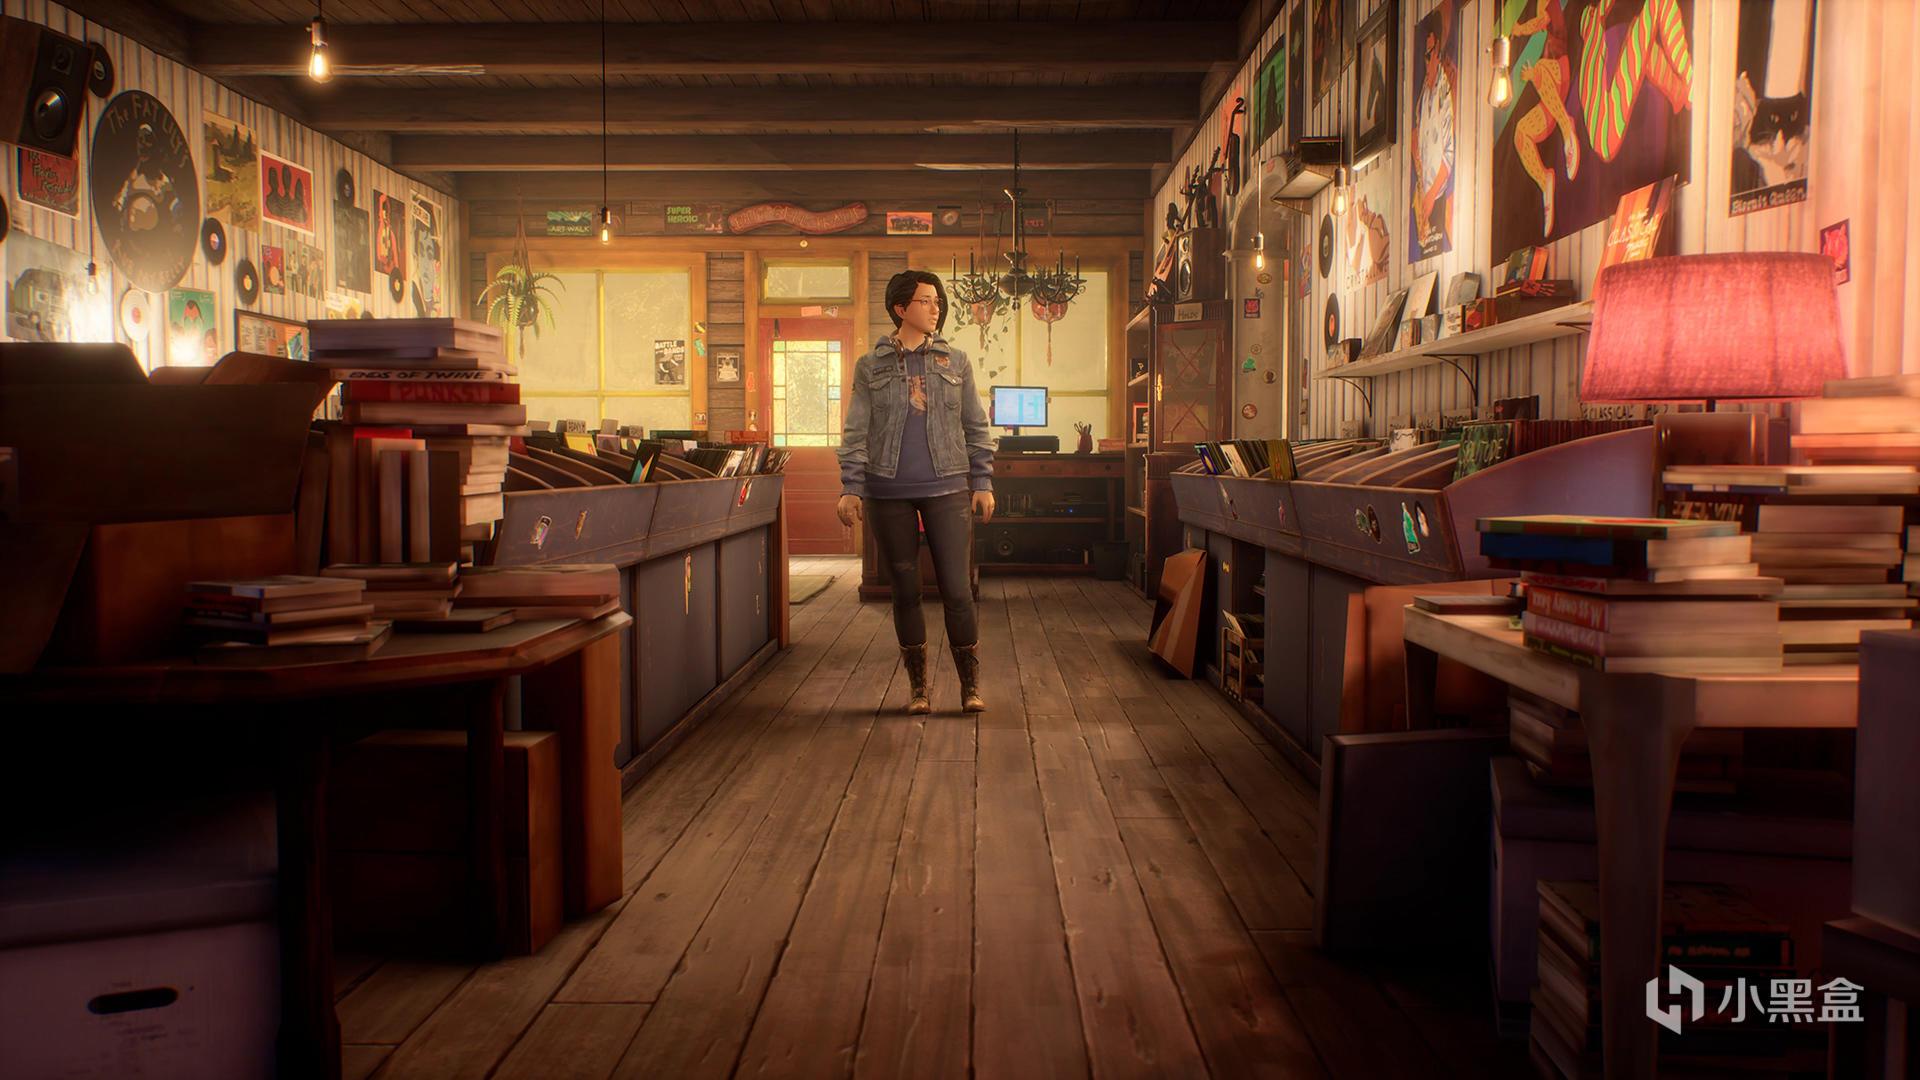 《奇异人生:本色》不同版本奖励公布,终极版包含重制合集-C3动漫网